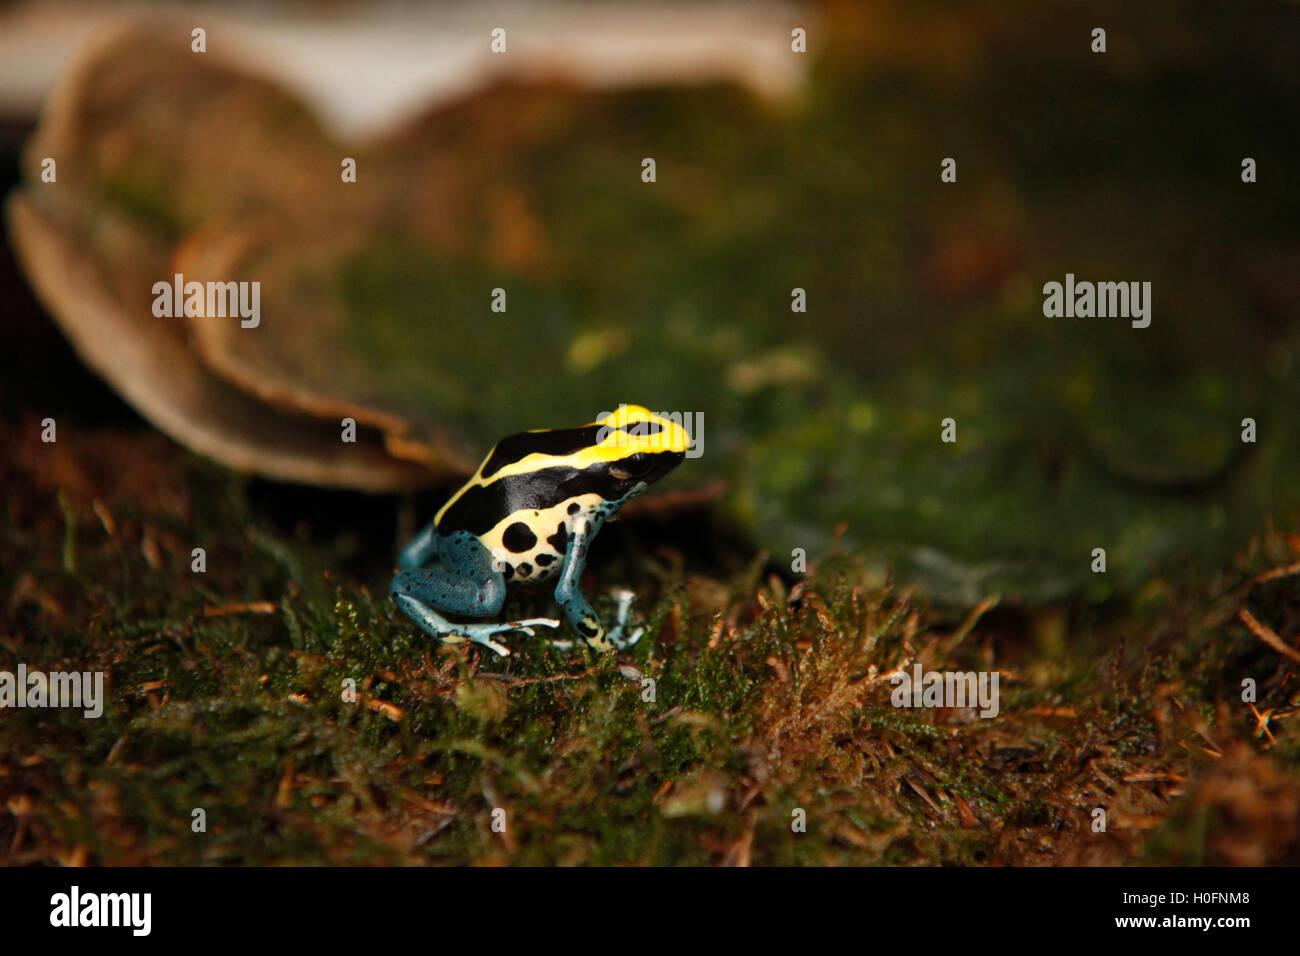 Exotische kleine blaue gelbe farbige Frosch schließen Reptil Stockbild